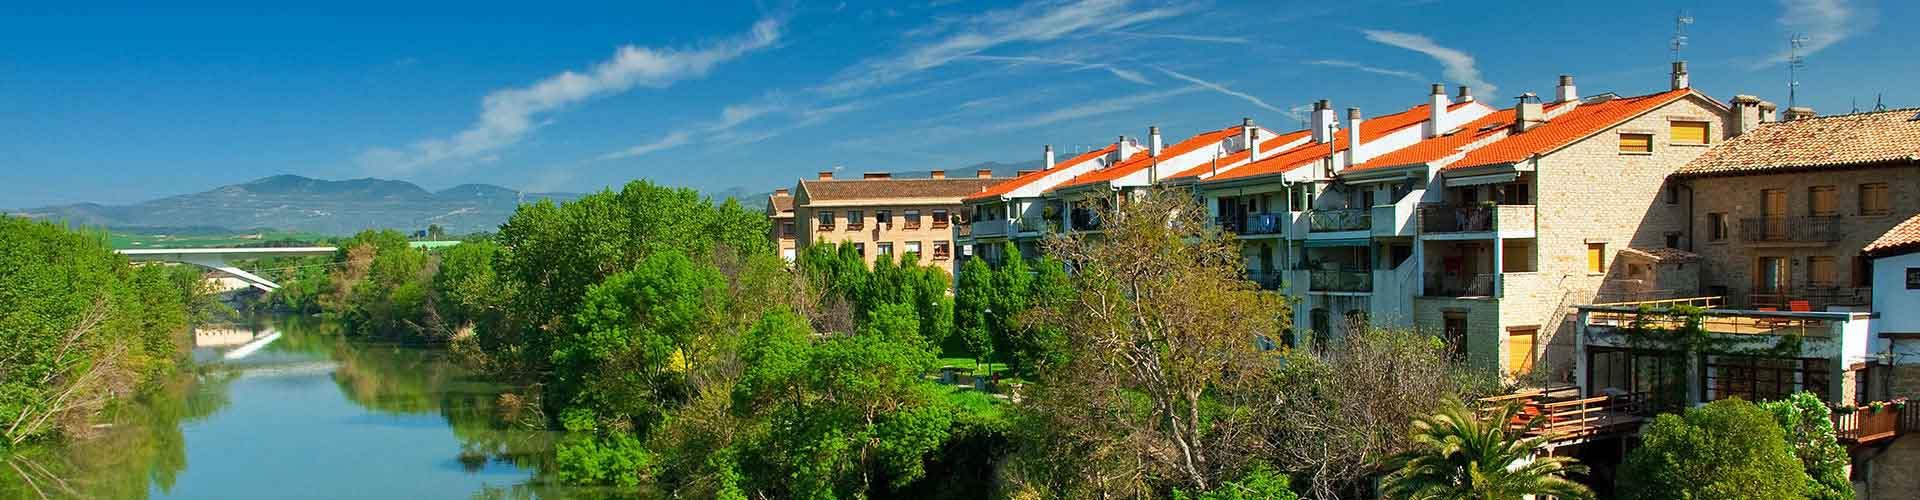 パンプロナ – ホステル パンプロナ. 地図 パンプロナ, すべてのホステルの写真とレビュー パンプロナ.